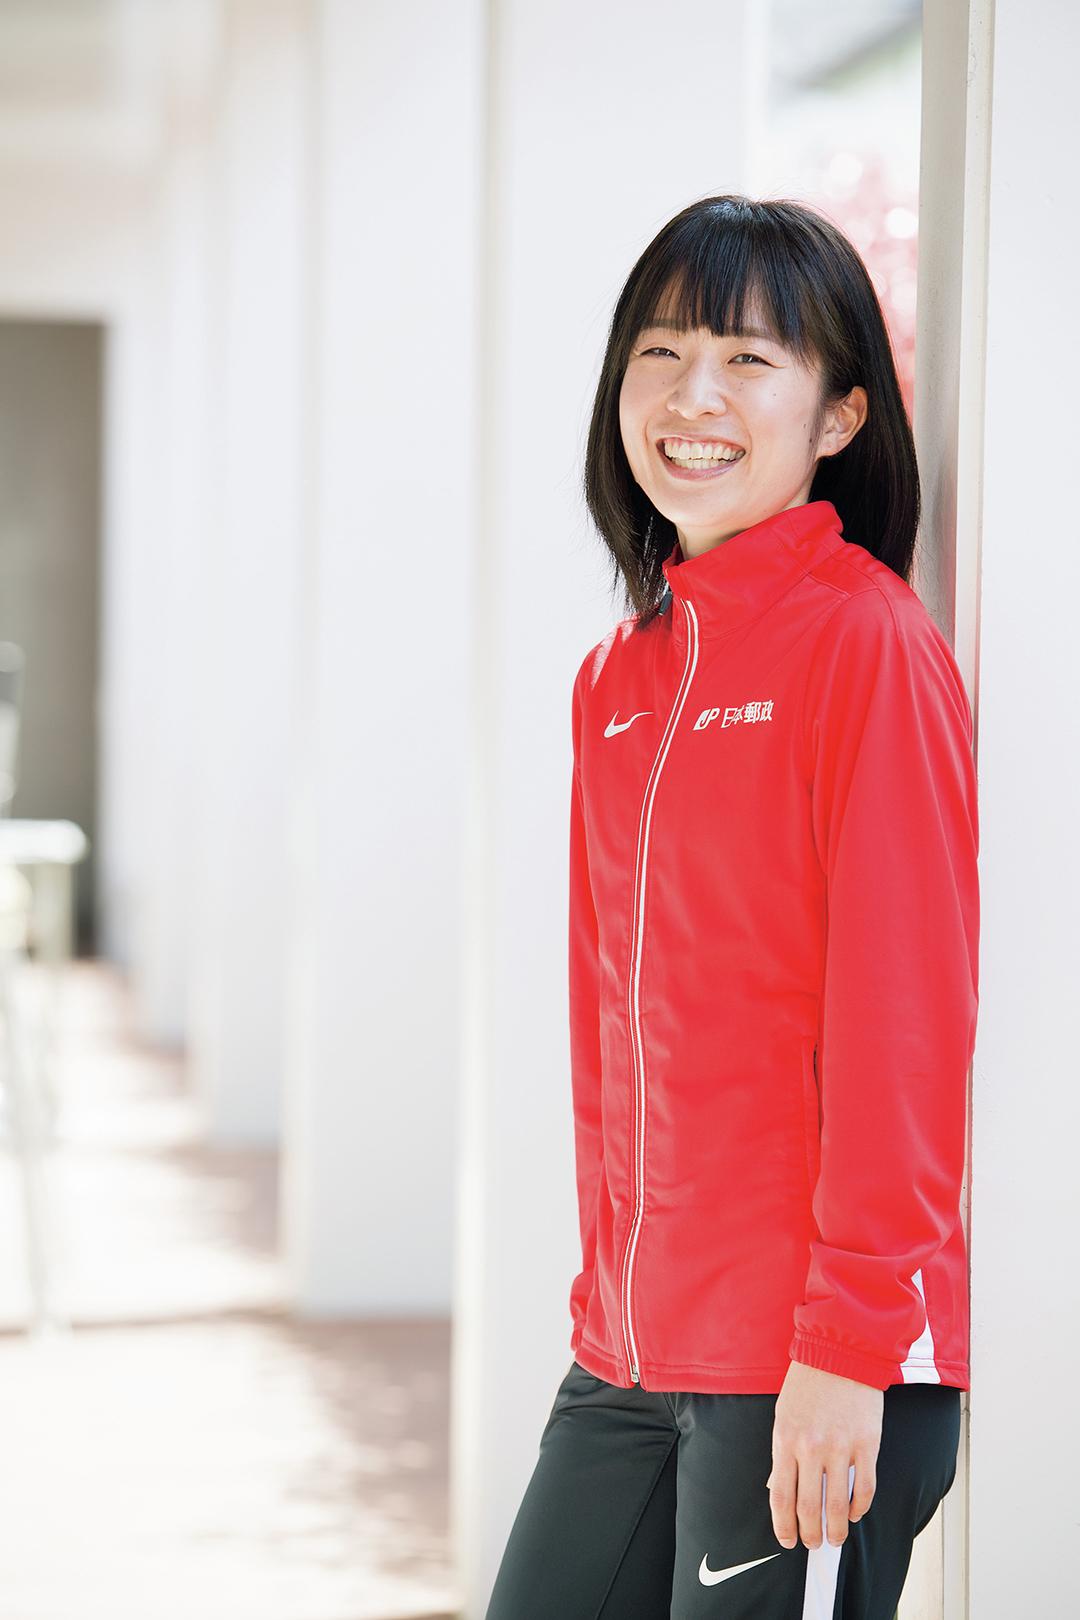 日本郵政グループ女子陸上部キャプテンを突撃! モア世代アスリートが語る「折れない心」のつくり方_1